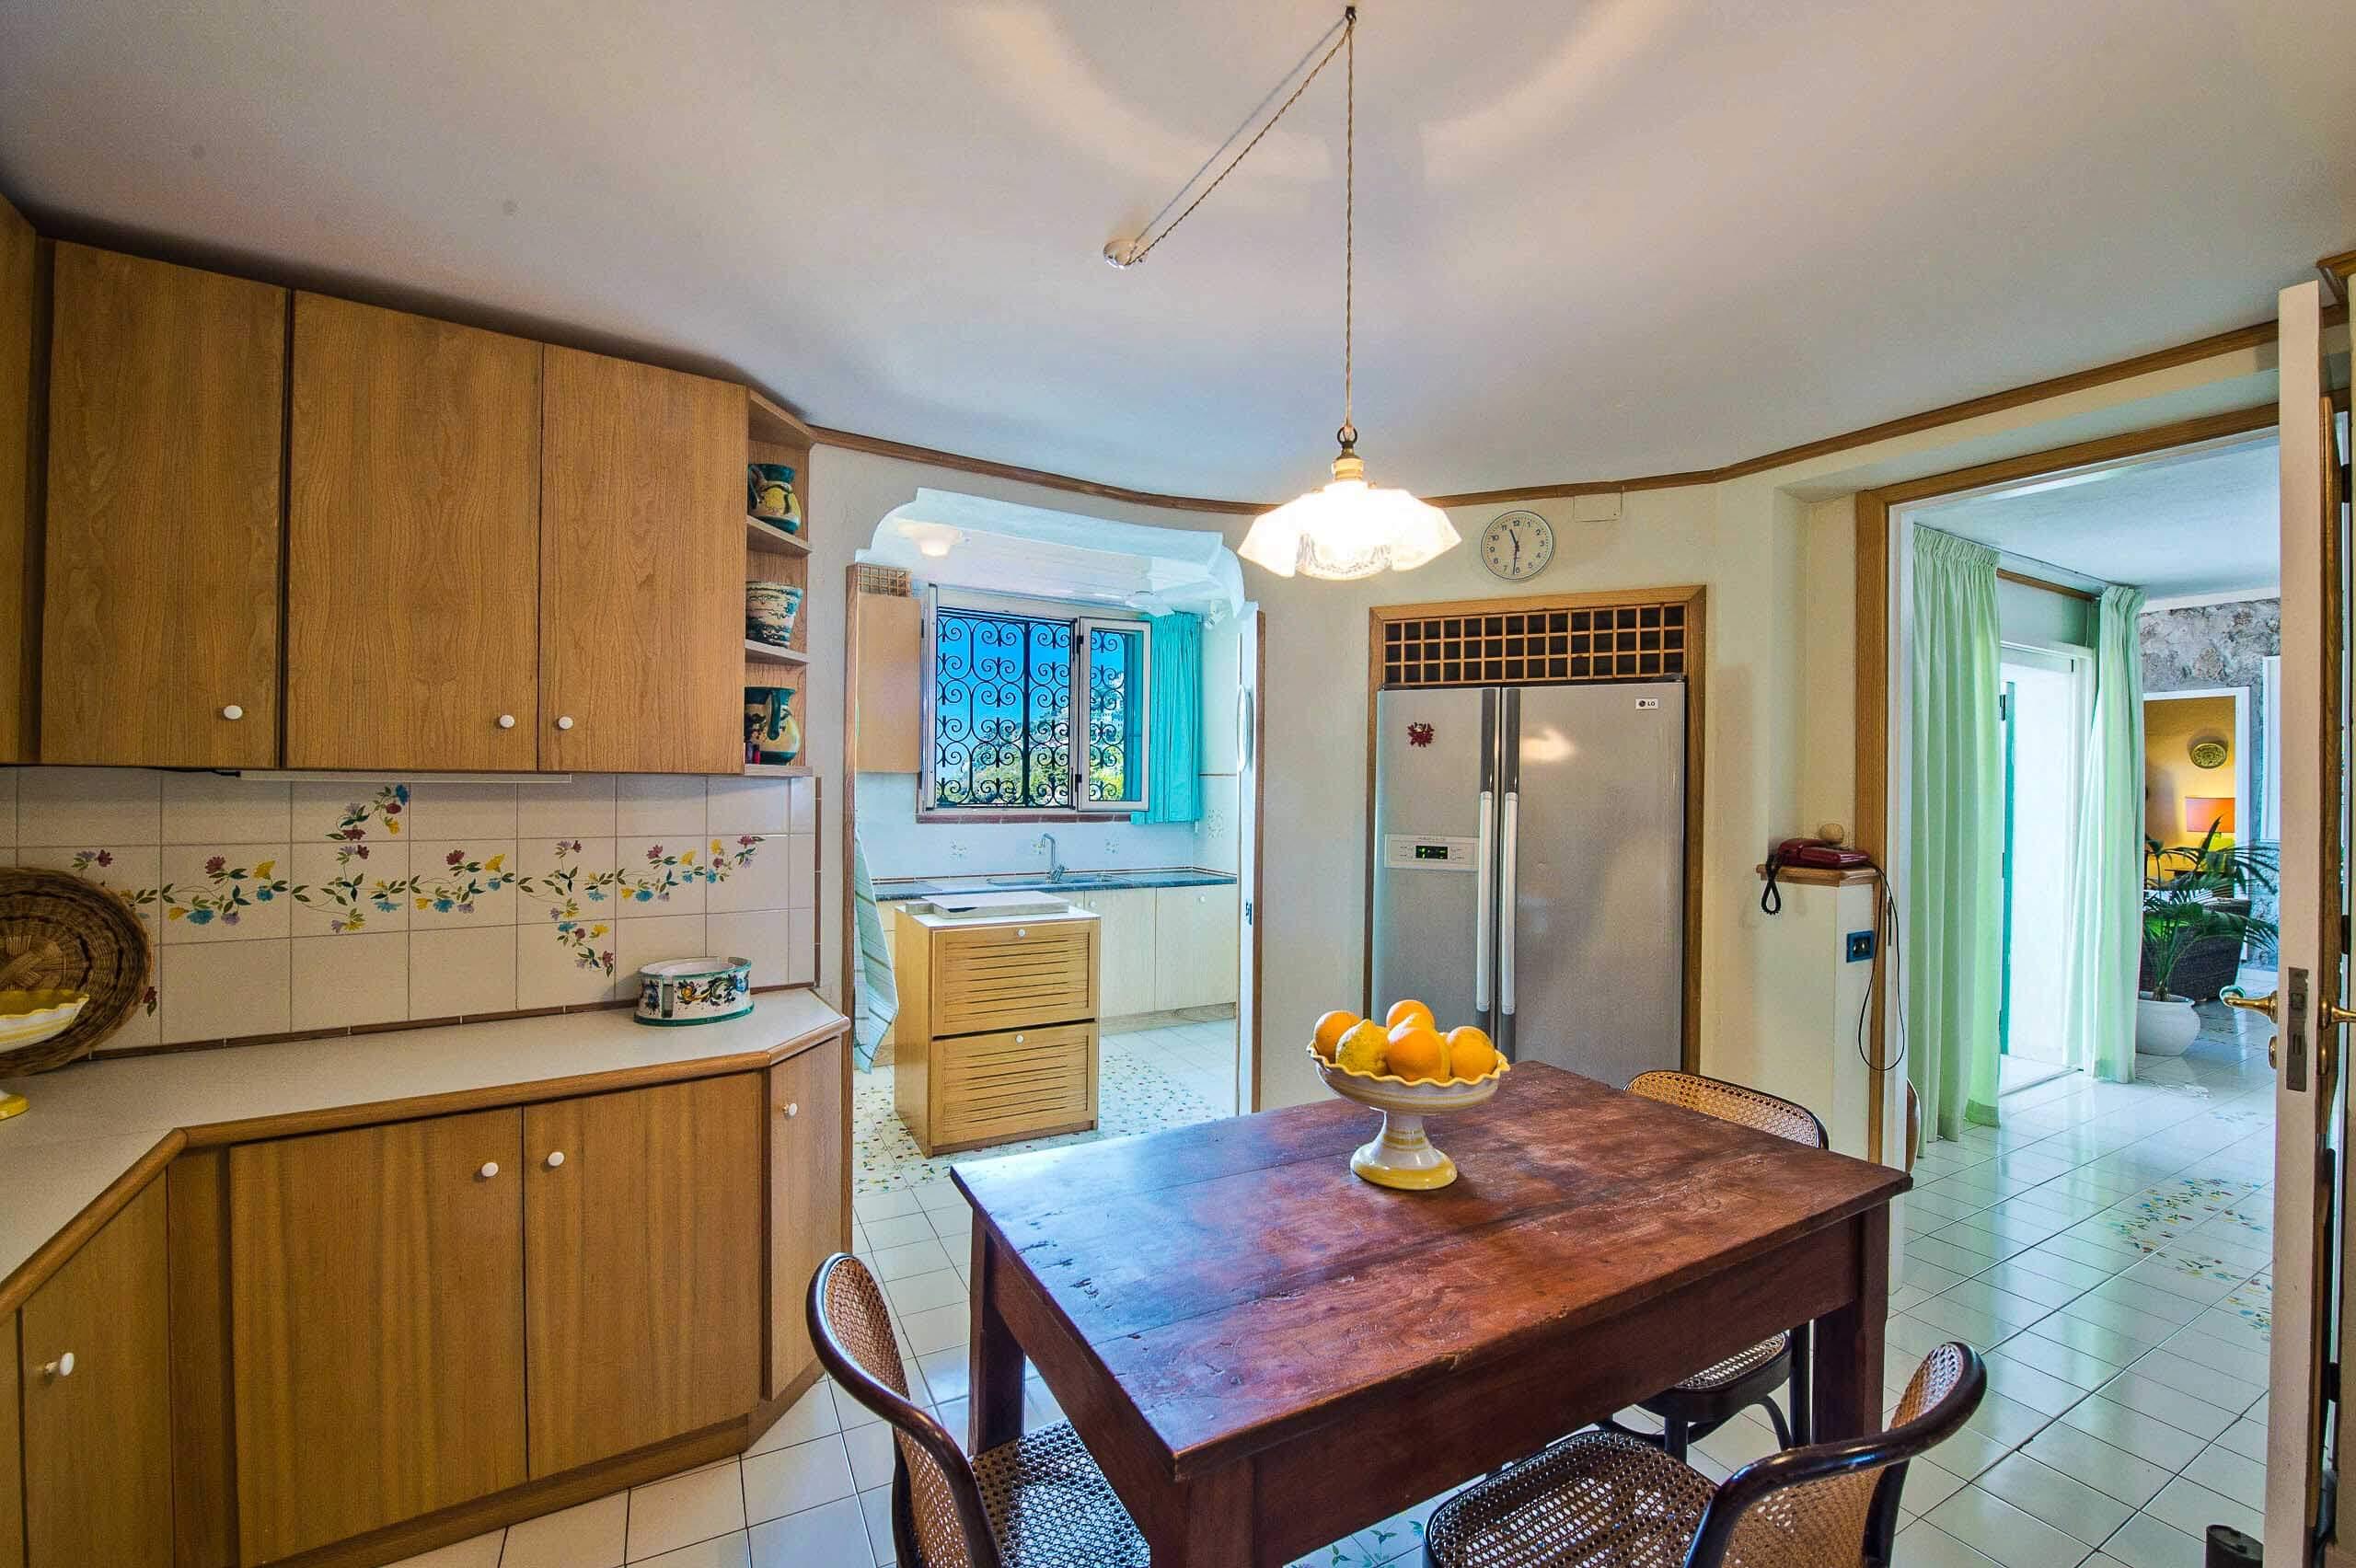 inside:large kitchen with fridge